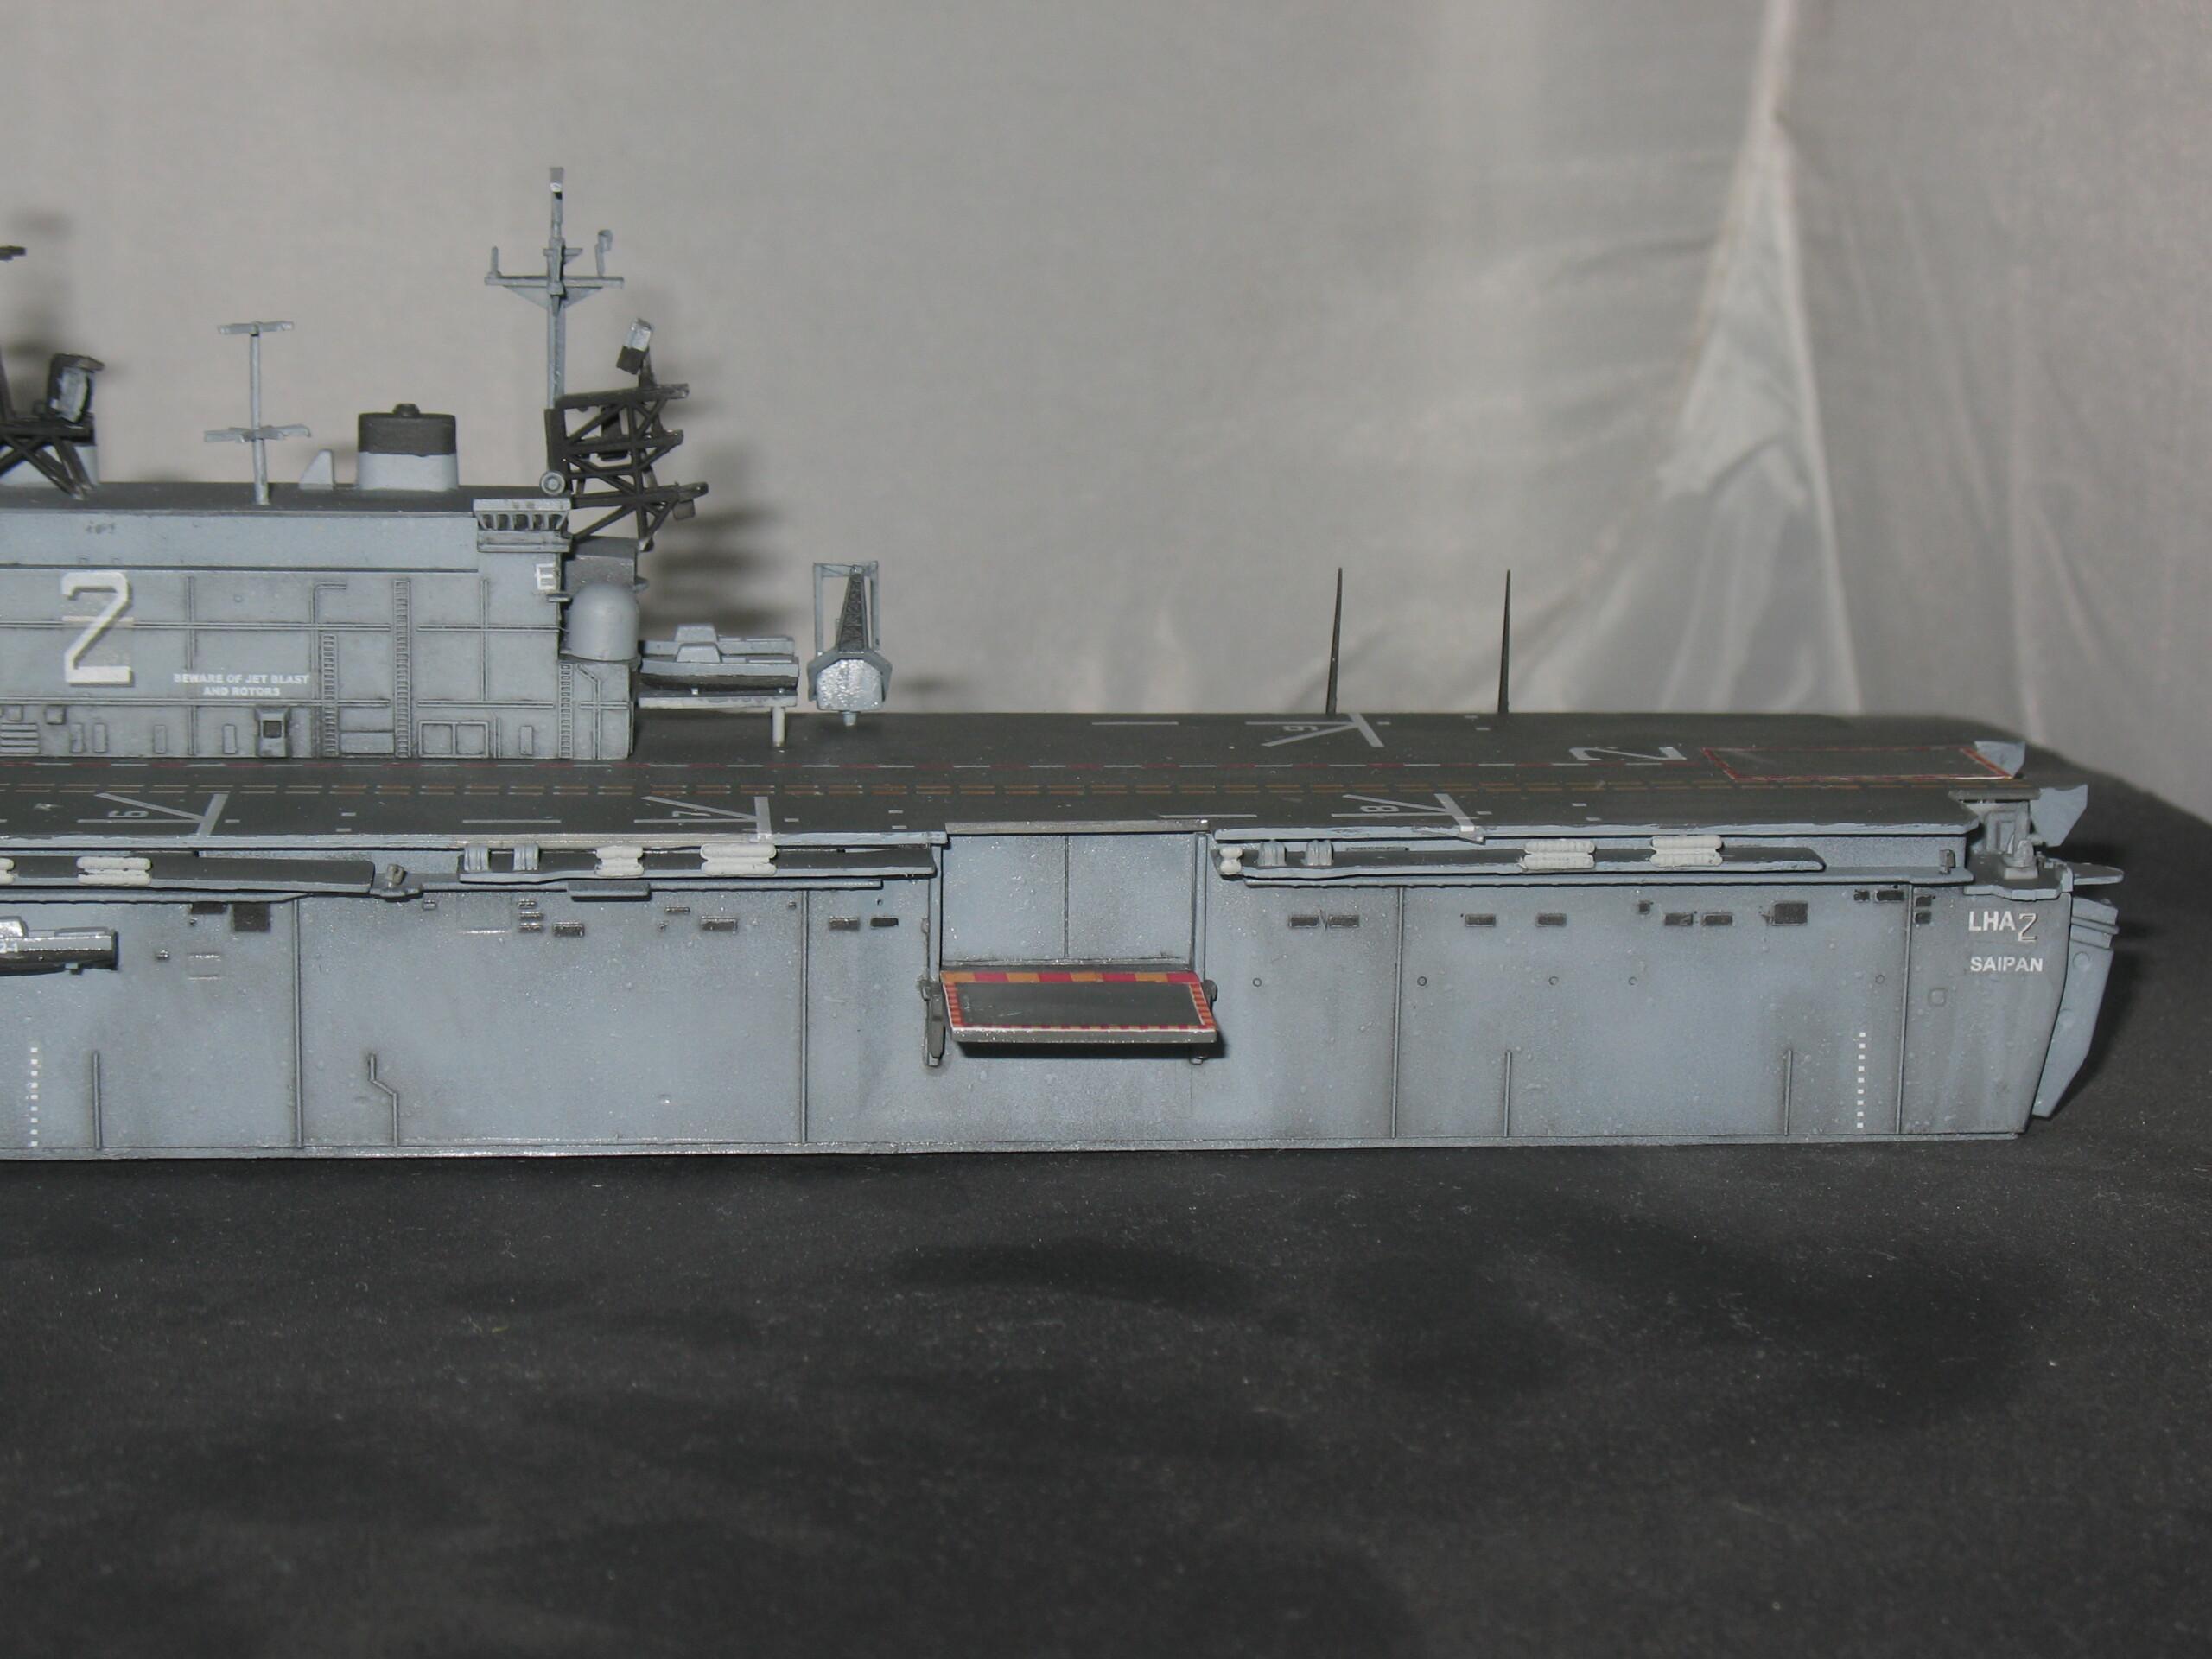 [Dragon] 1/700 USS Saipan LHA-2 Img_3834